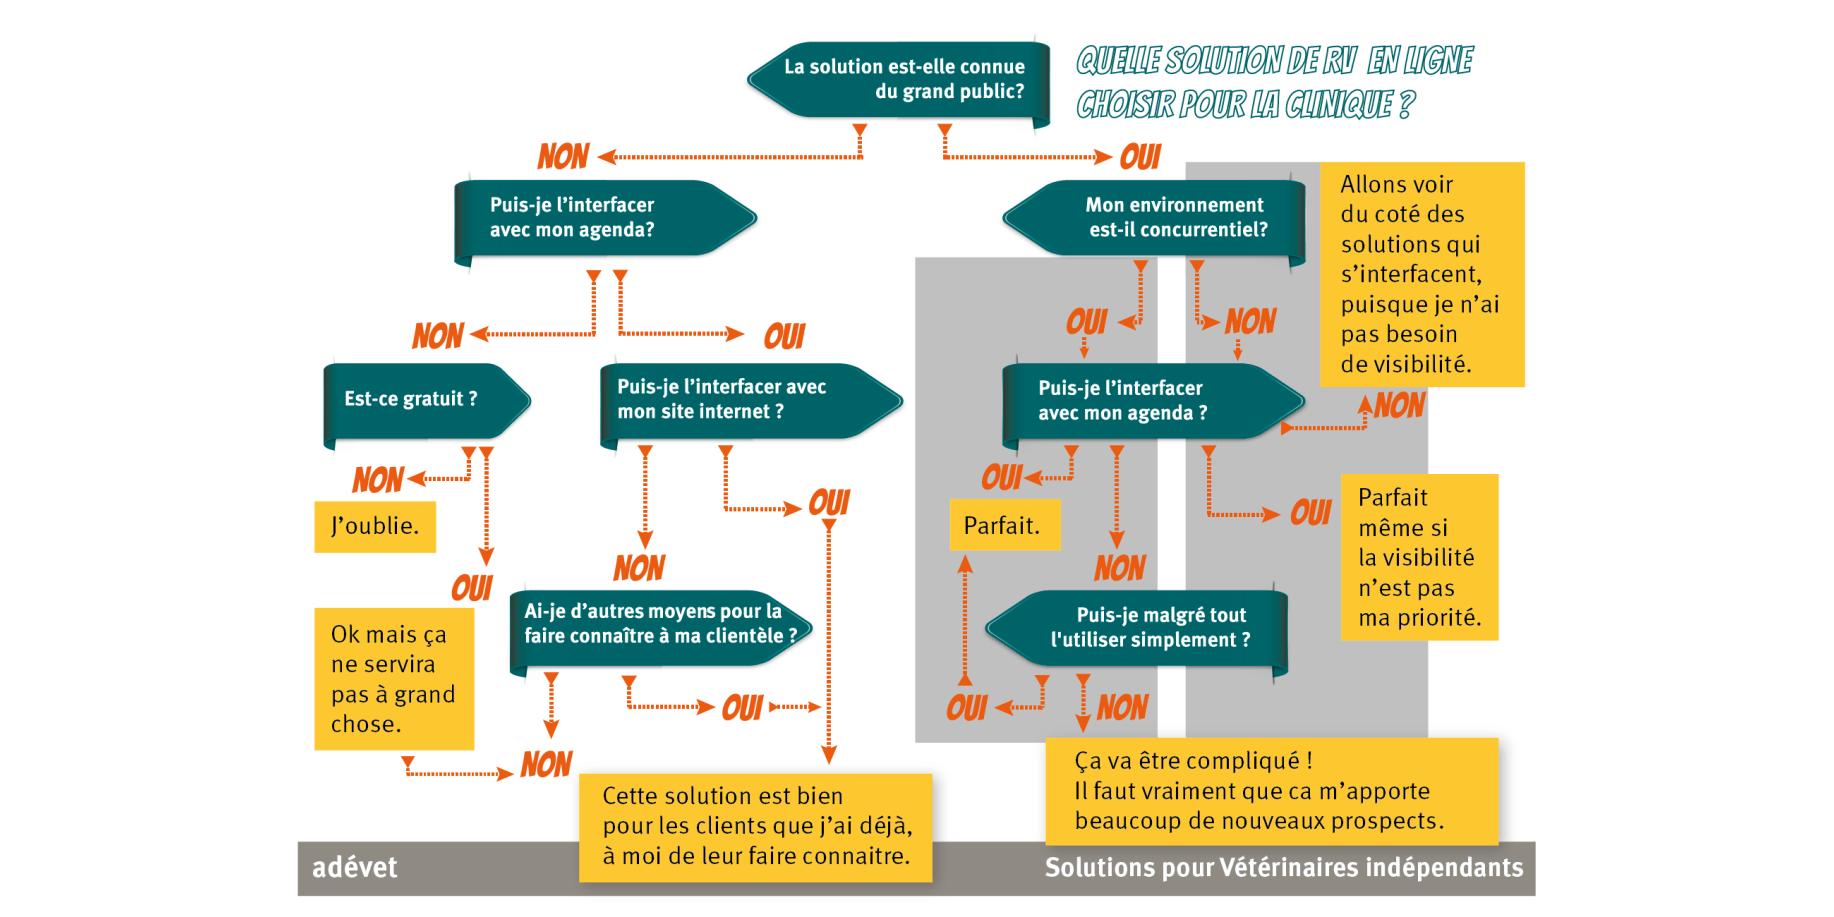 arbre décisionnel adevet choisir une solution de rendez-vous en ligne